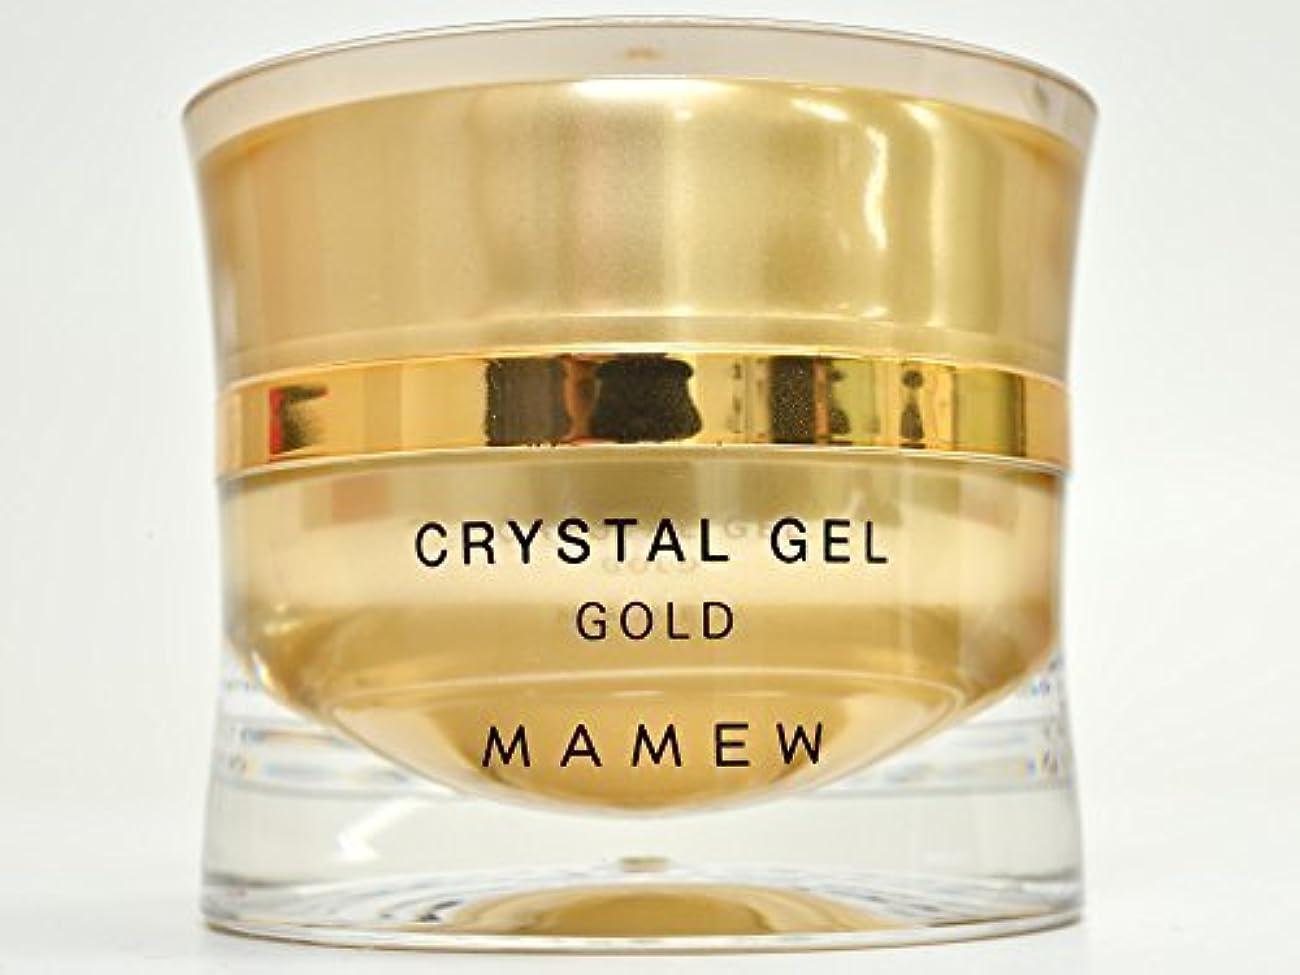 切断する地殻ダイヤモンドMAMEW(マミュ) クリスタルジェル-フェイスクリーム 50g